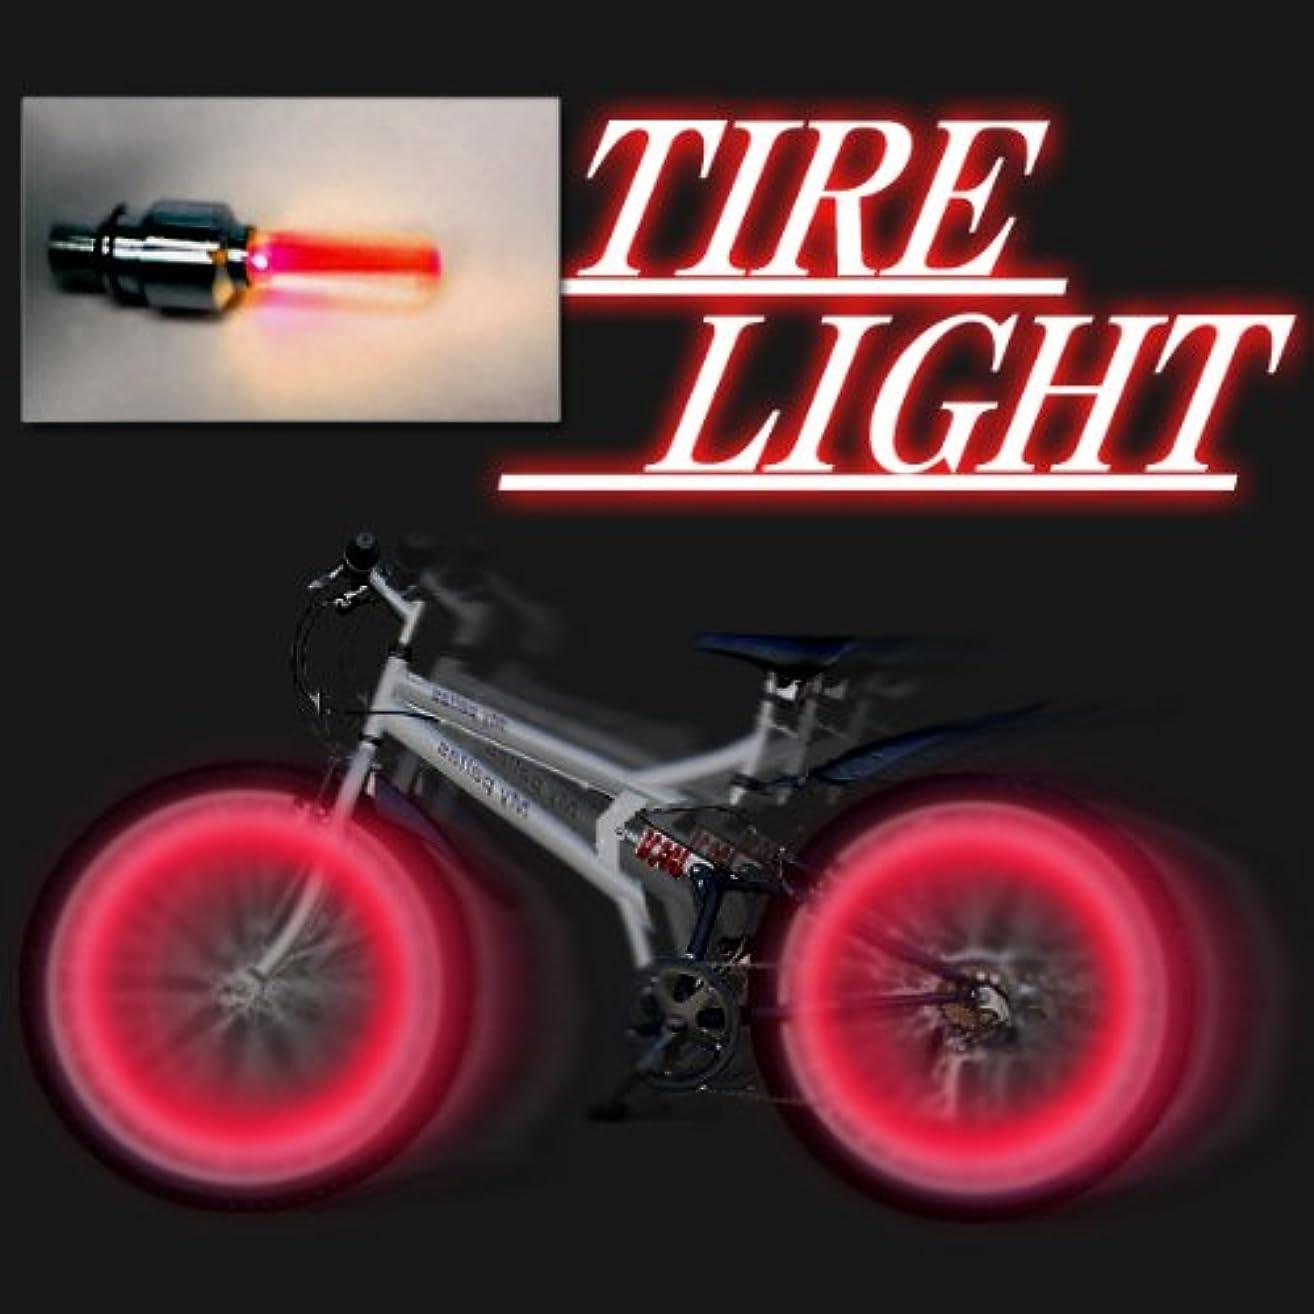 剪断赤ピンク自転車安全対策【タイヤライト ピンク】2個セット?愛車を光らせよう!バイクにも対応